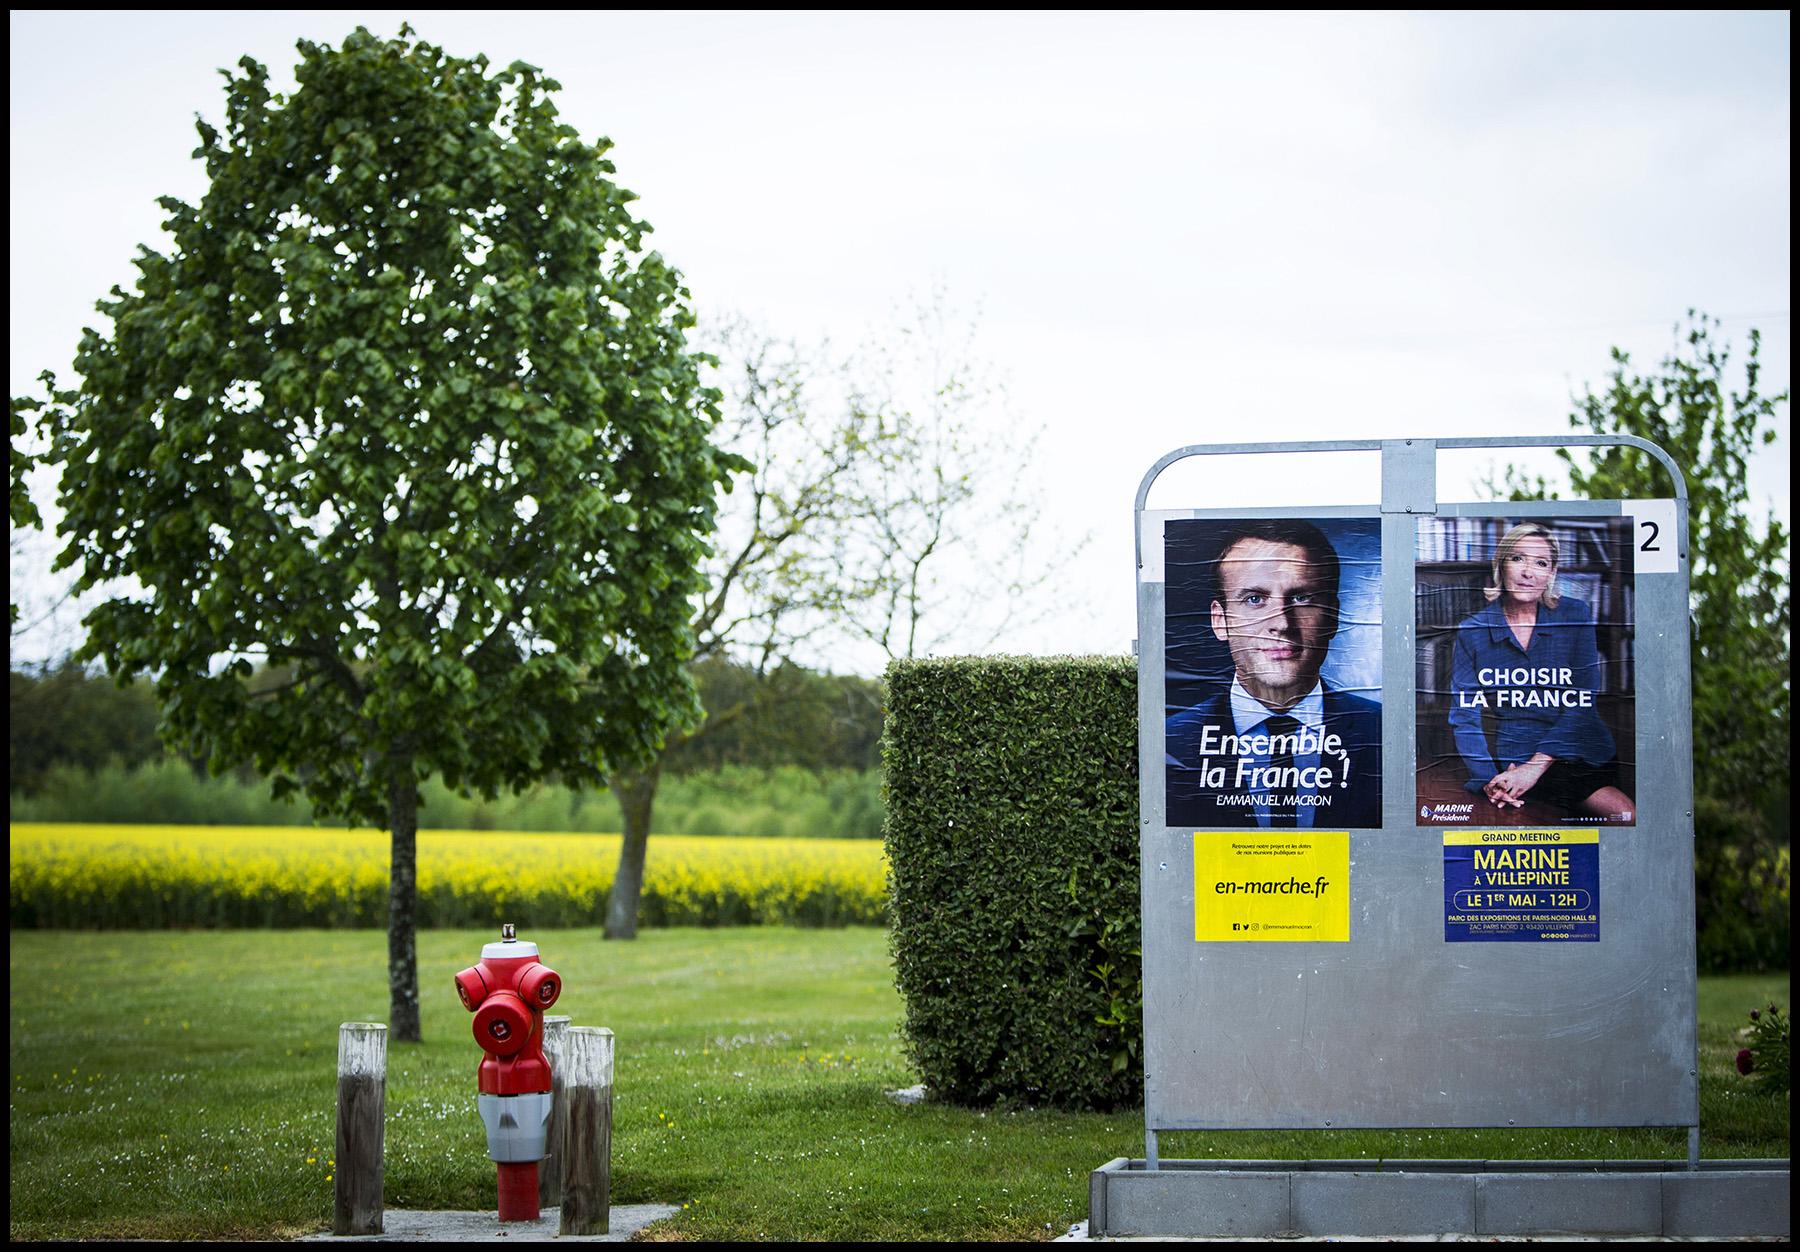 Les affiches du second tour de l'élection présidentielle de 2017